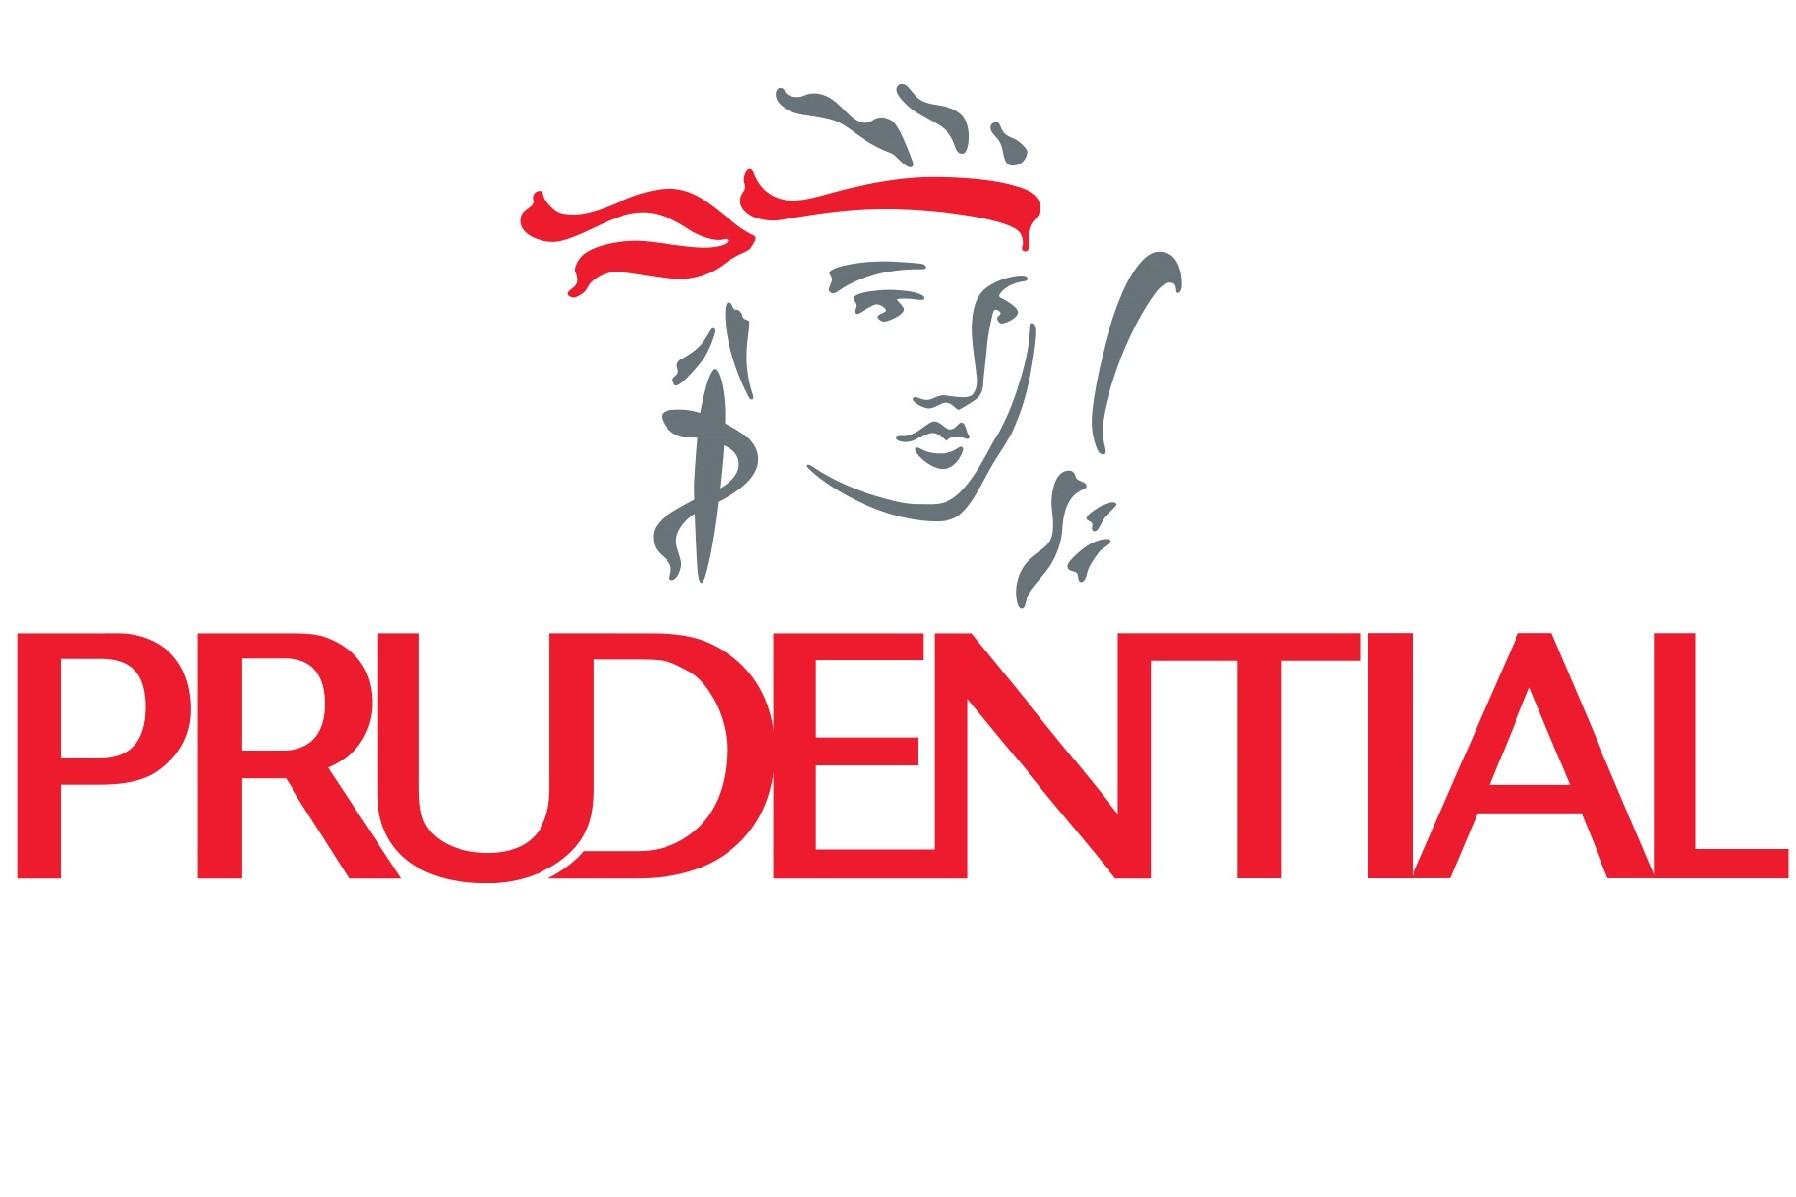 Prudential ra mắt gói bảo hiểm online cho ung thư, đột quỵ và nhồi máu cơ tim, chi phí từ 88.000 đồng/ năm